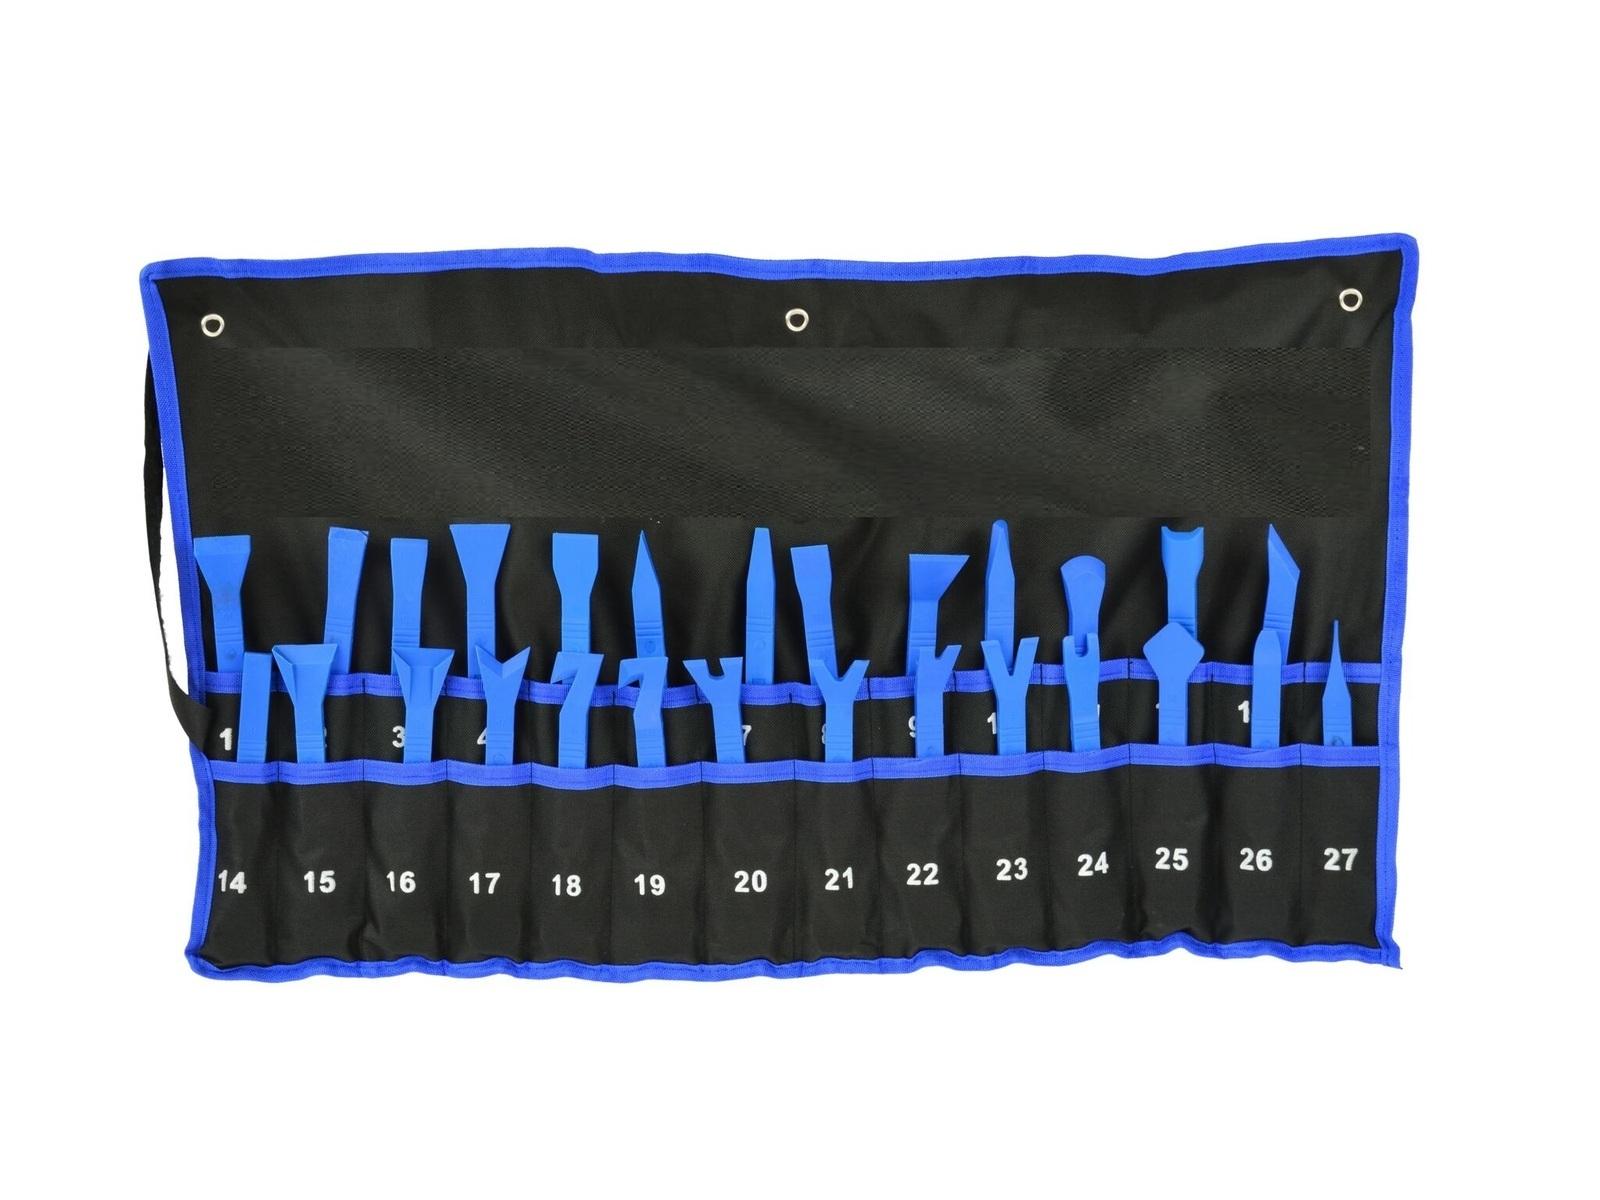 Plastové nástroje - klíny, páky a háky na montáž a demontáž čalounění, sada 27 kusů